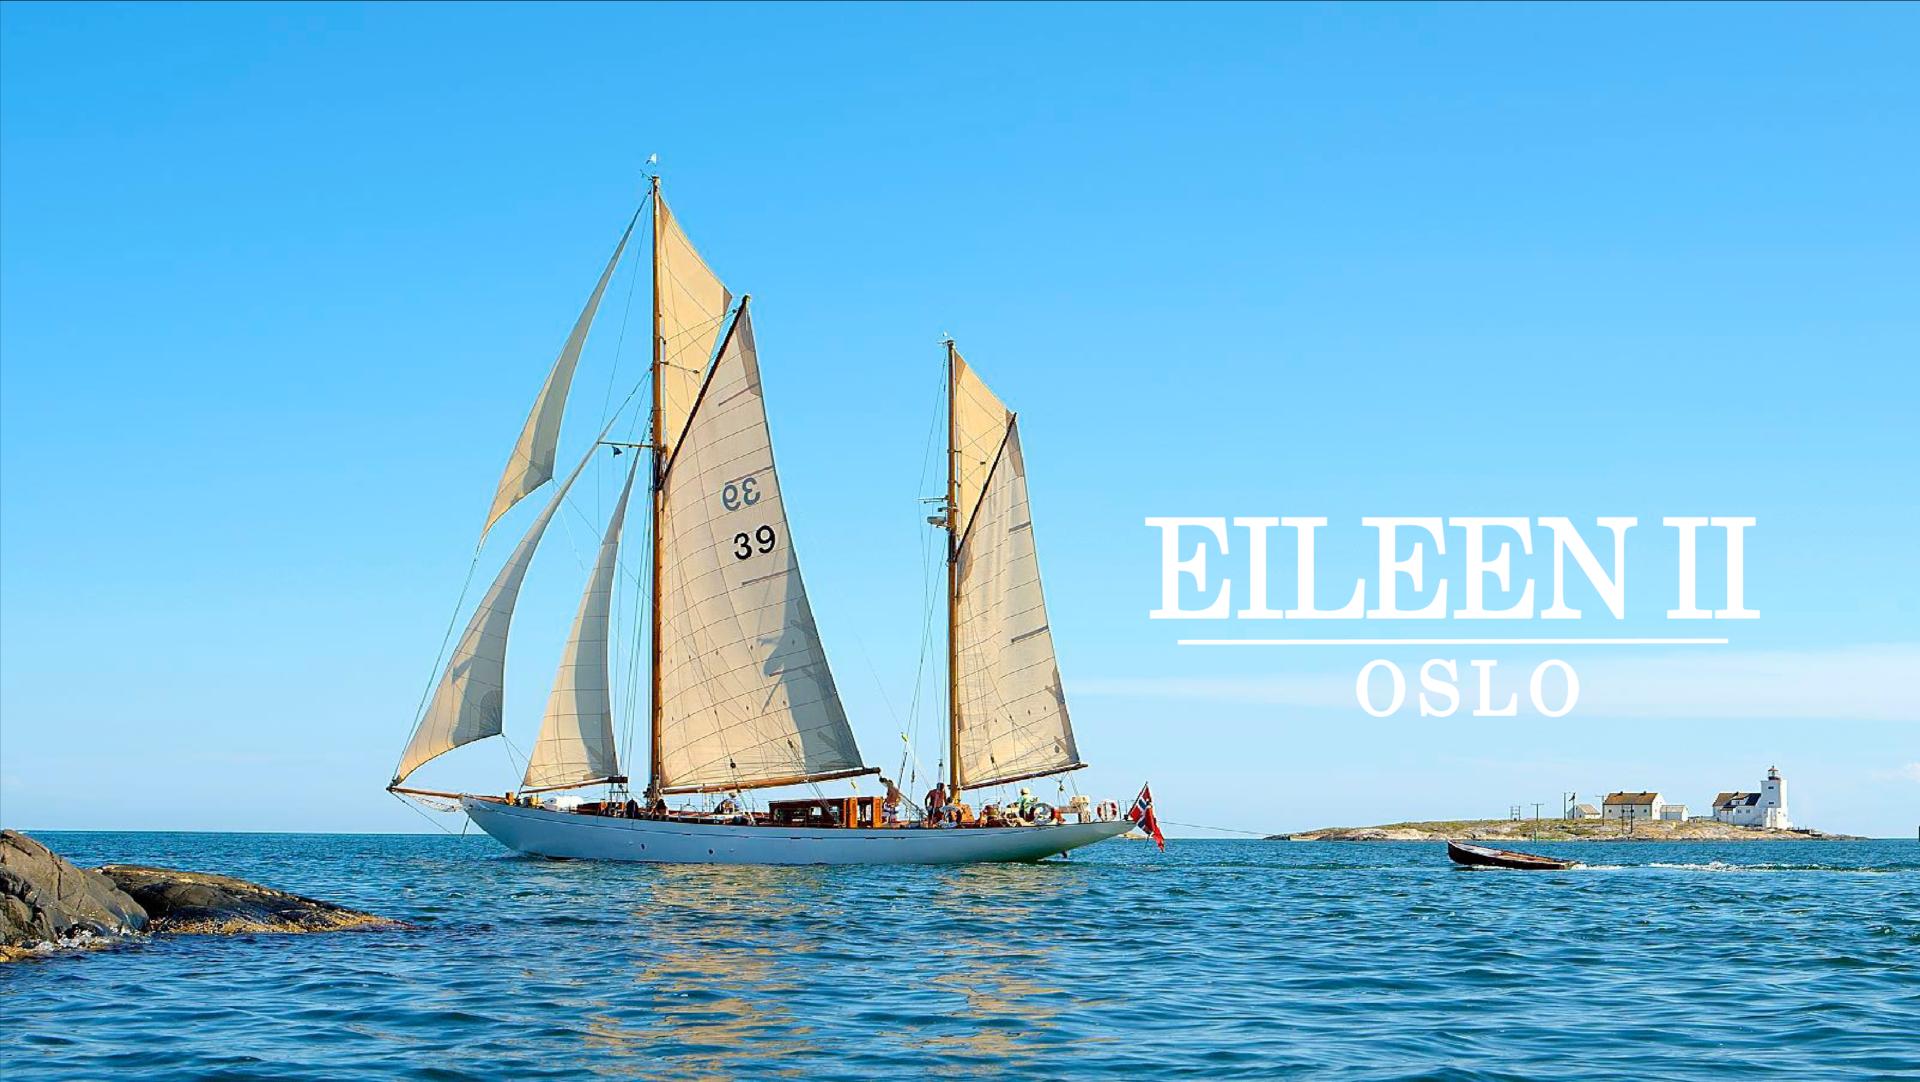 EILEEN II - OSLO